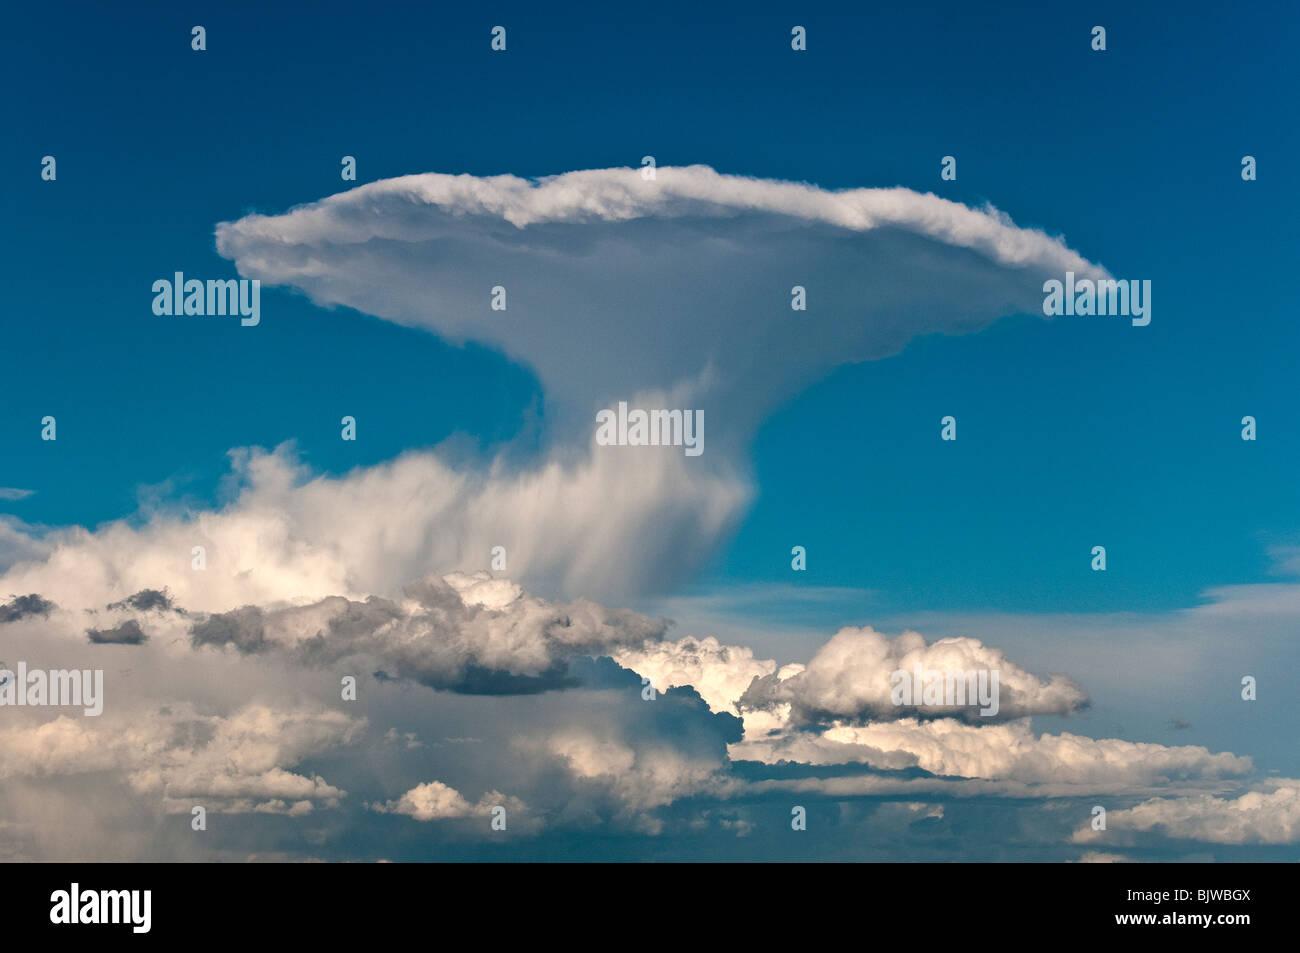 Ferner Gewitterwolke (Cumulonimbus Incus) ausbrechen in den Himmel in der Nähe von Siena, Toskana, Italien Stockbild